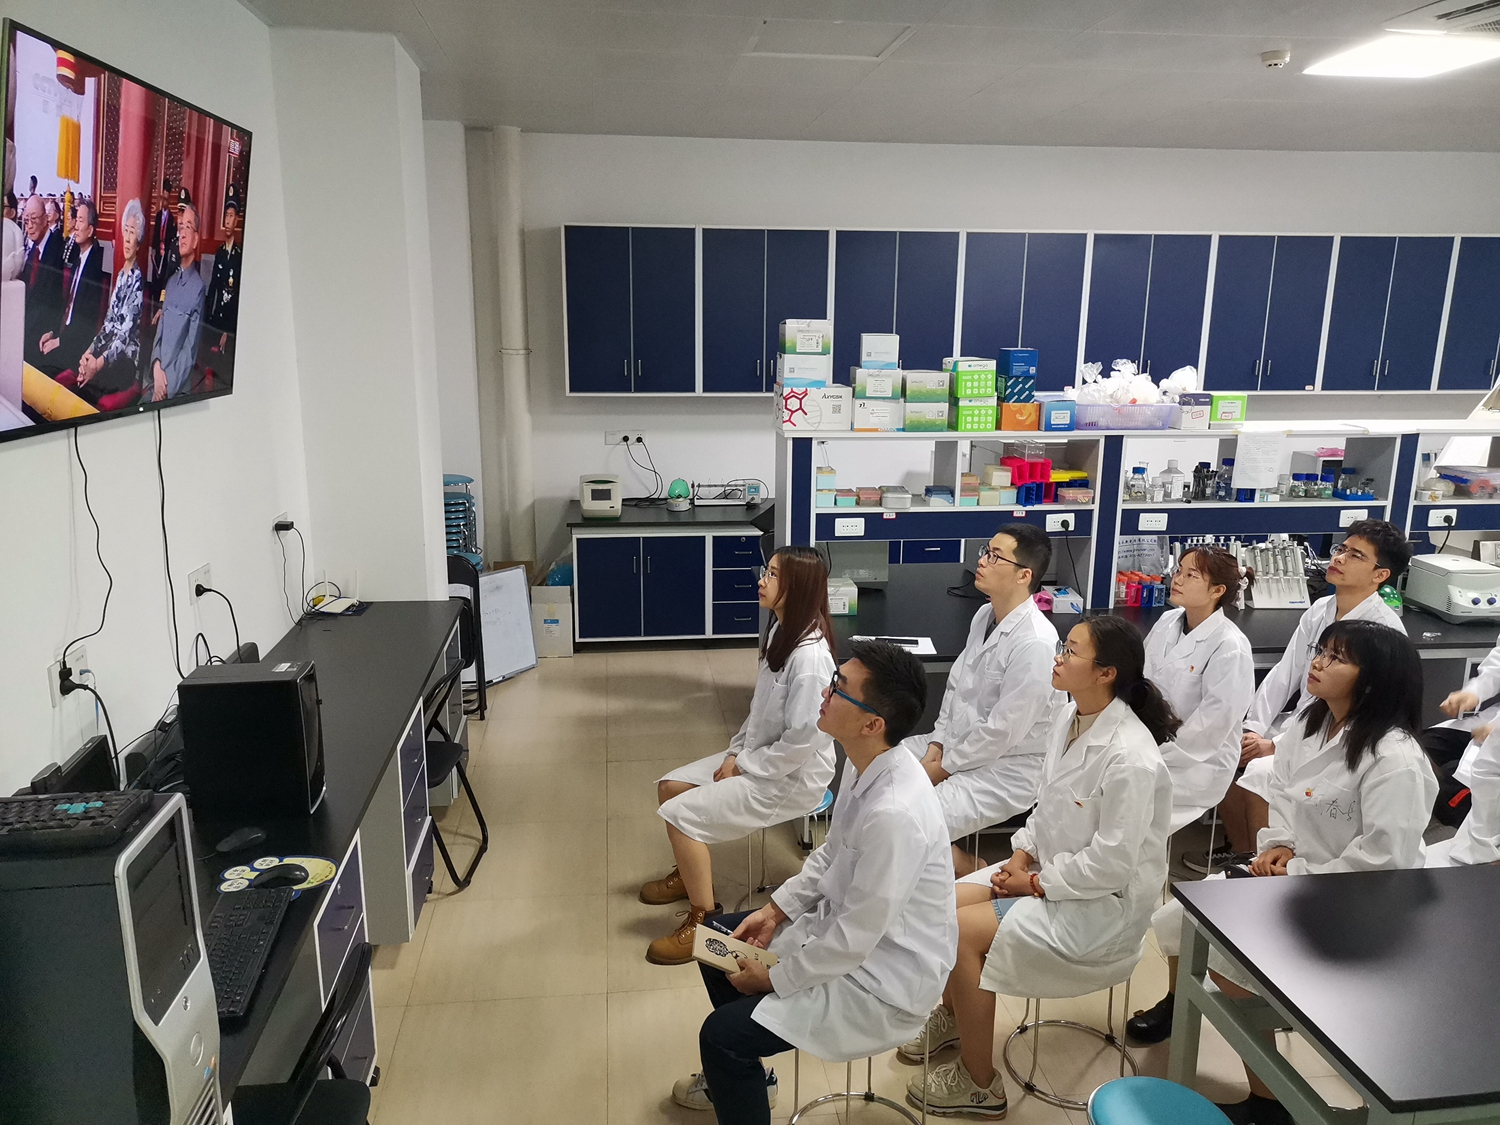 逸夫楼C401系统合成与生物学实验室,信息学院生物信息研究生党员同学自发收看纪念大会直播